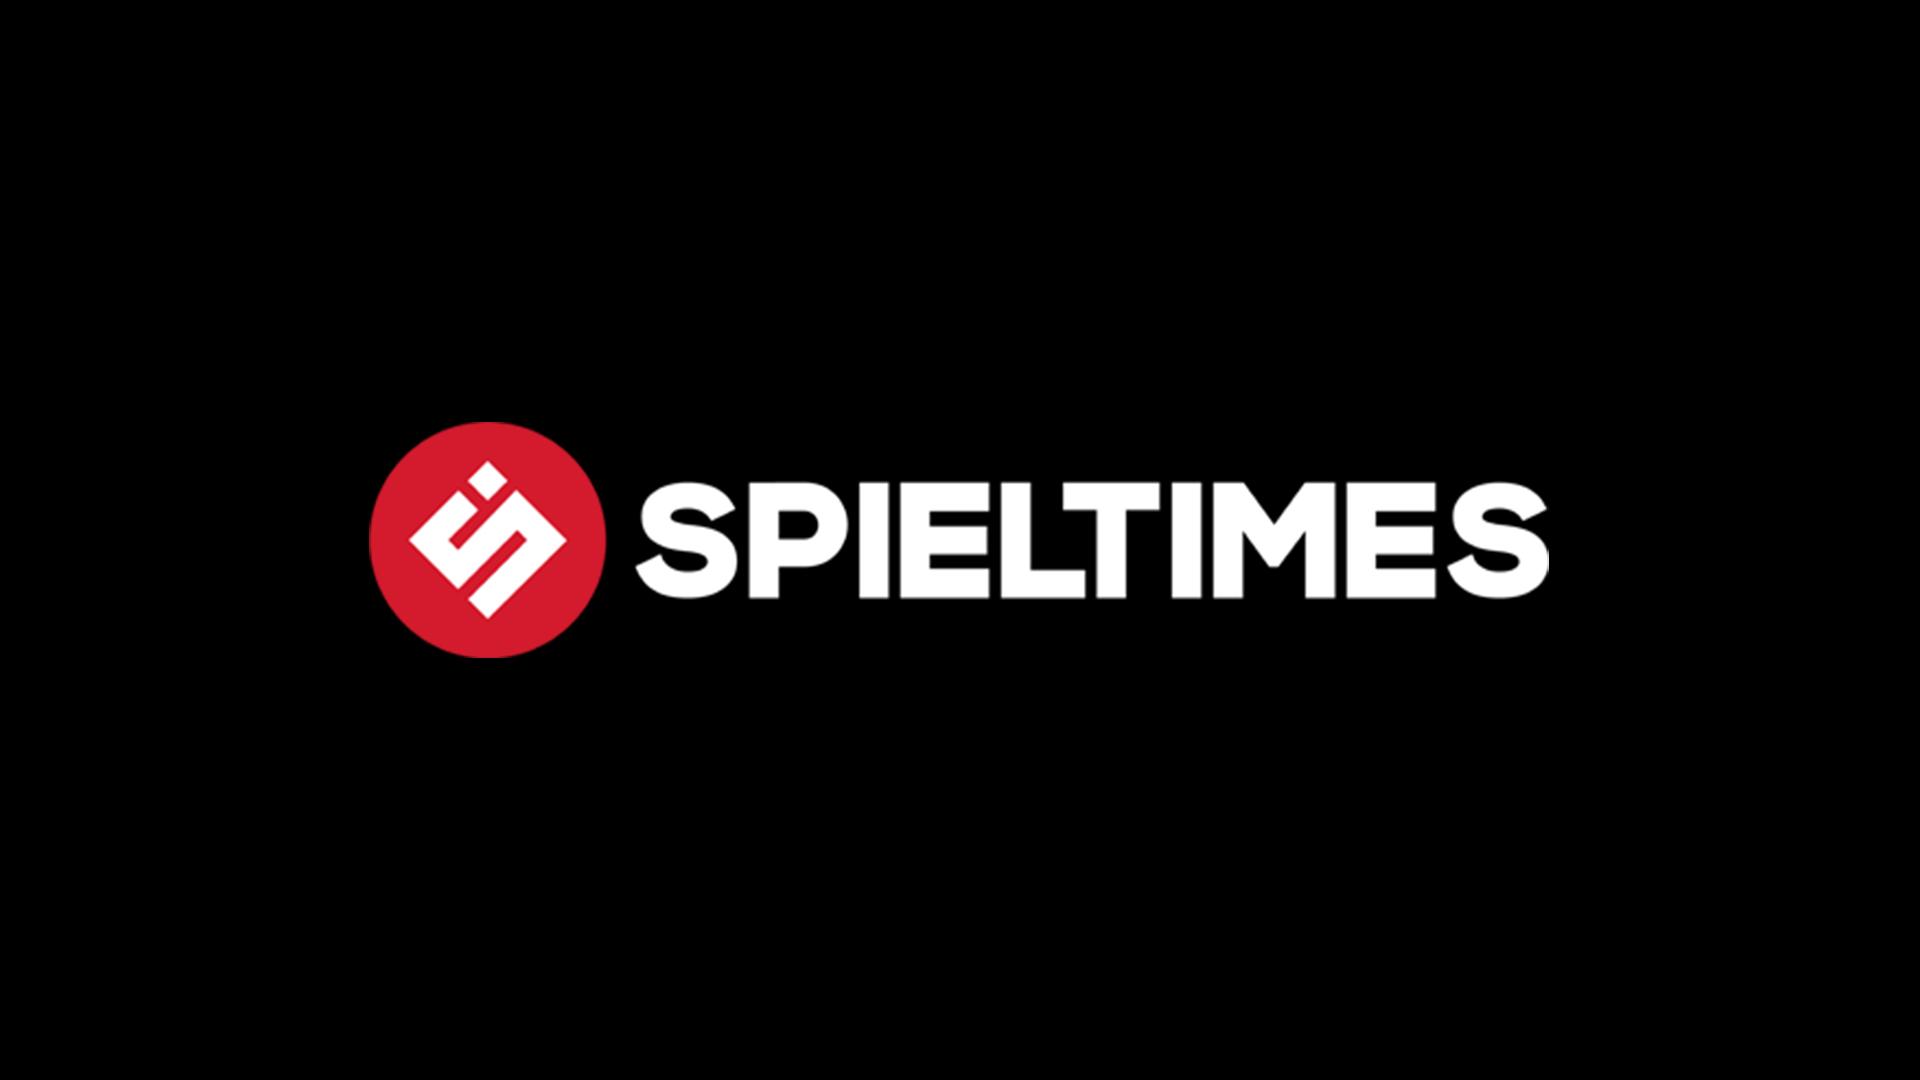 spiel-times